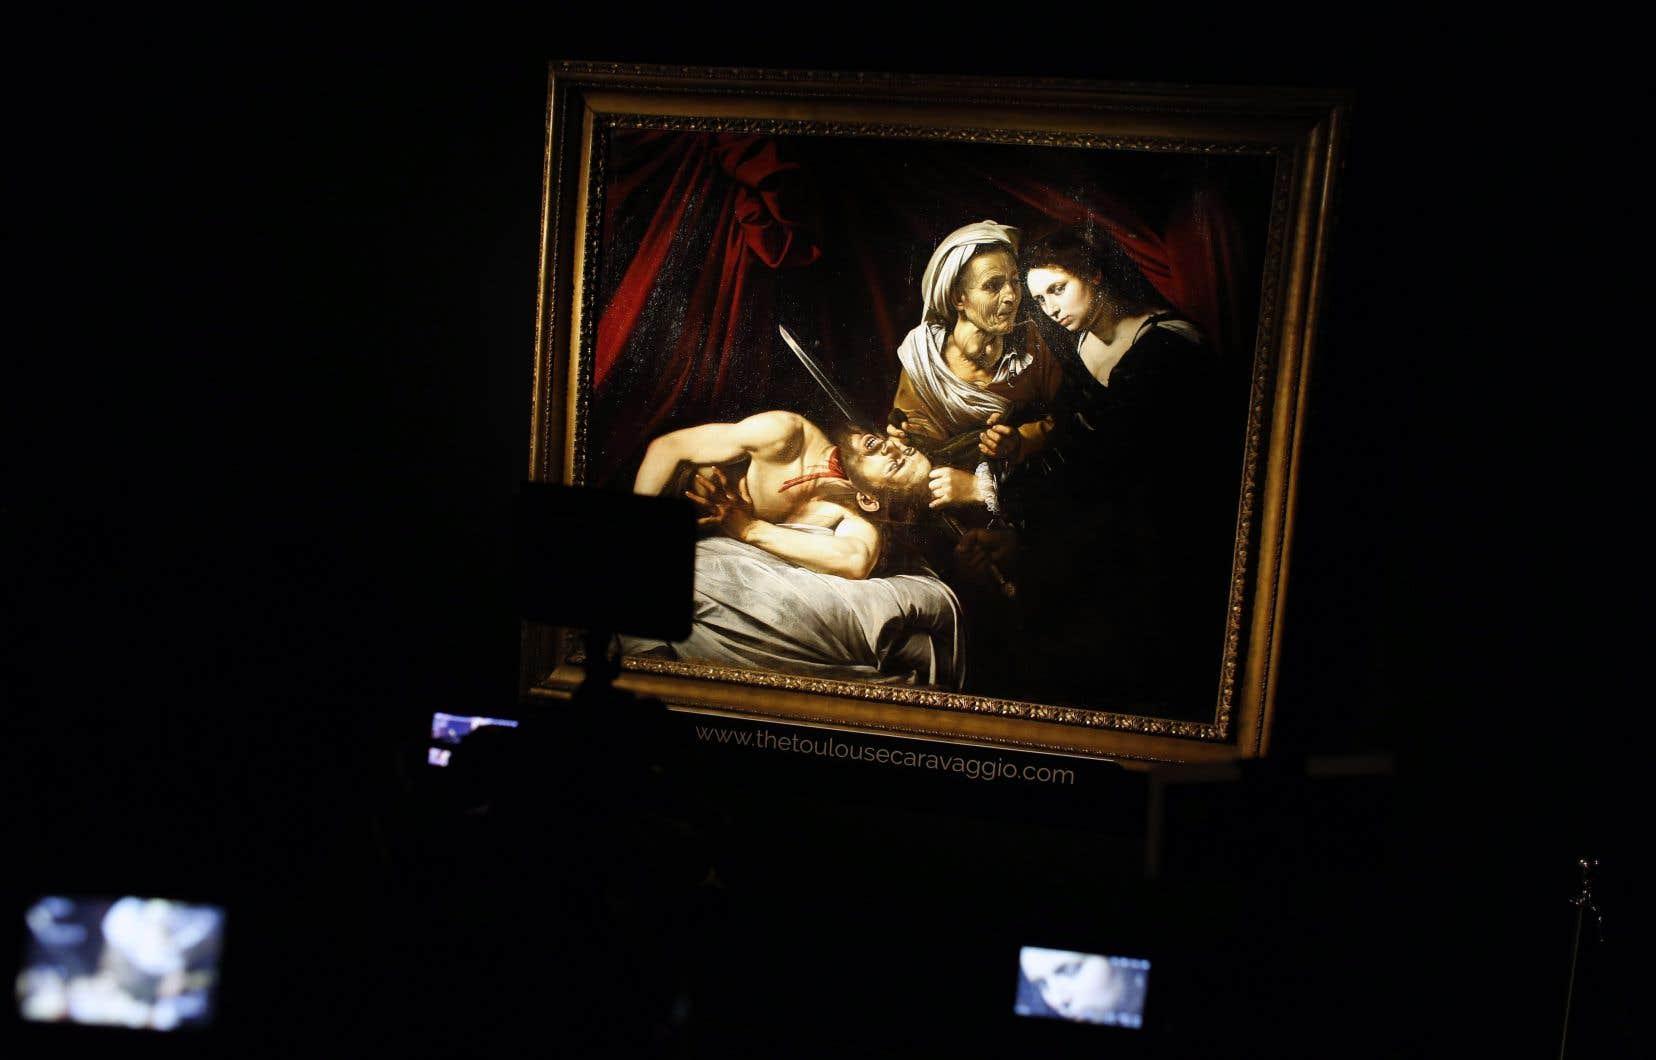 La peinture «Judith et Holoferne» avait été retrouvée dans une résidence de Toulouse il y a cinq ans.